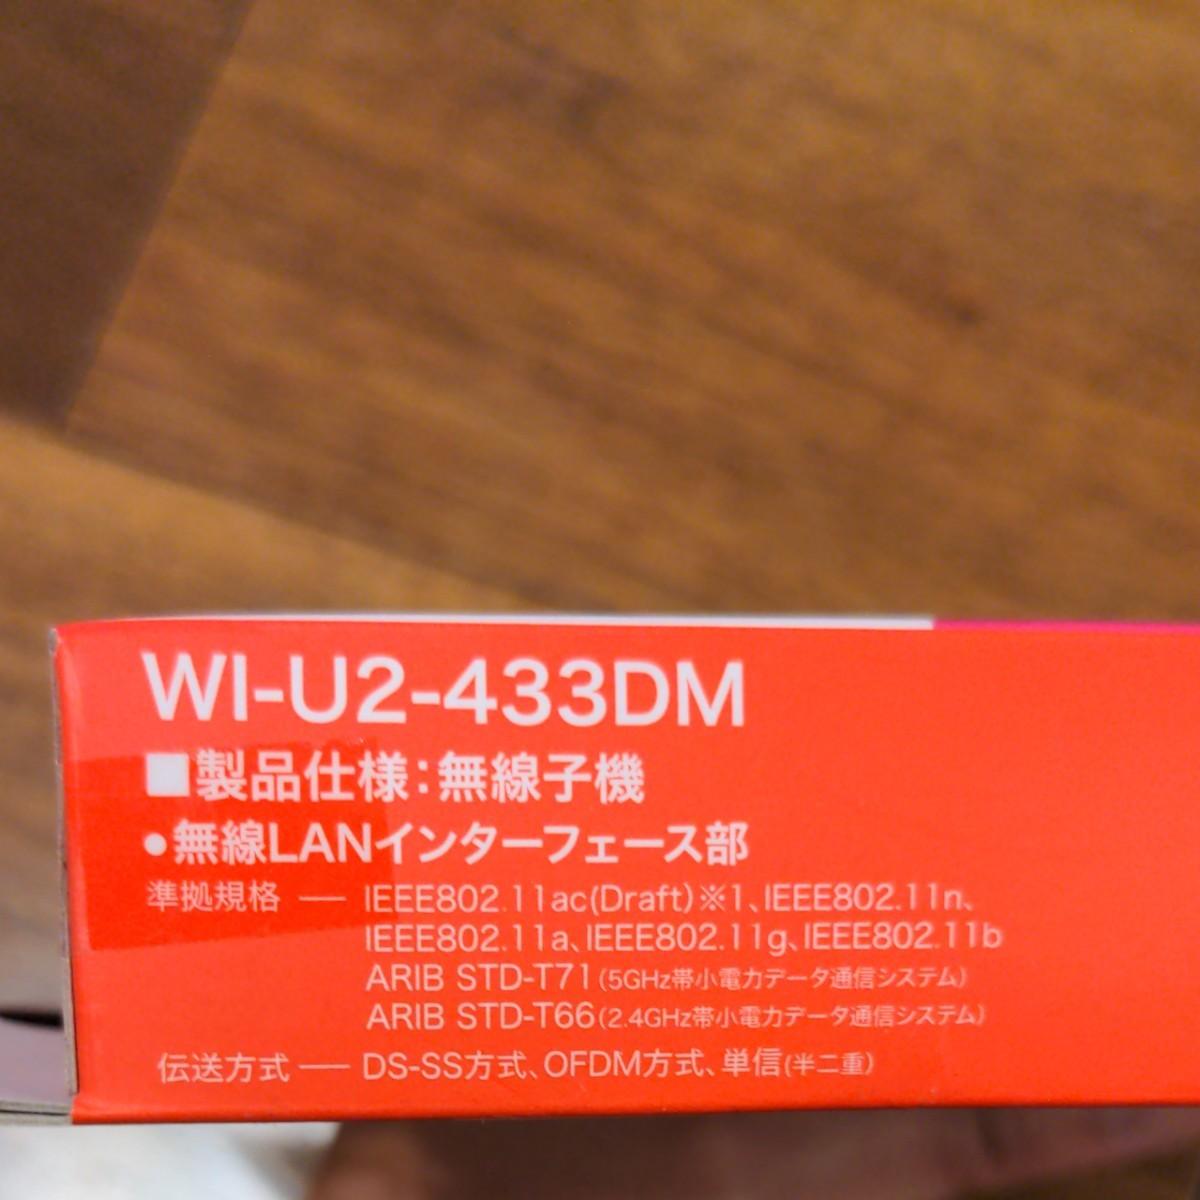 無線LAN子機 WI-U2-433DM